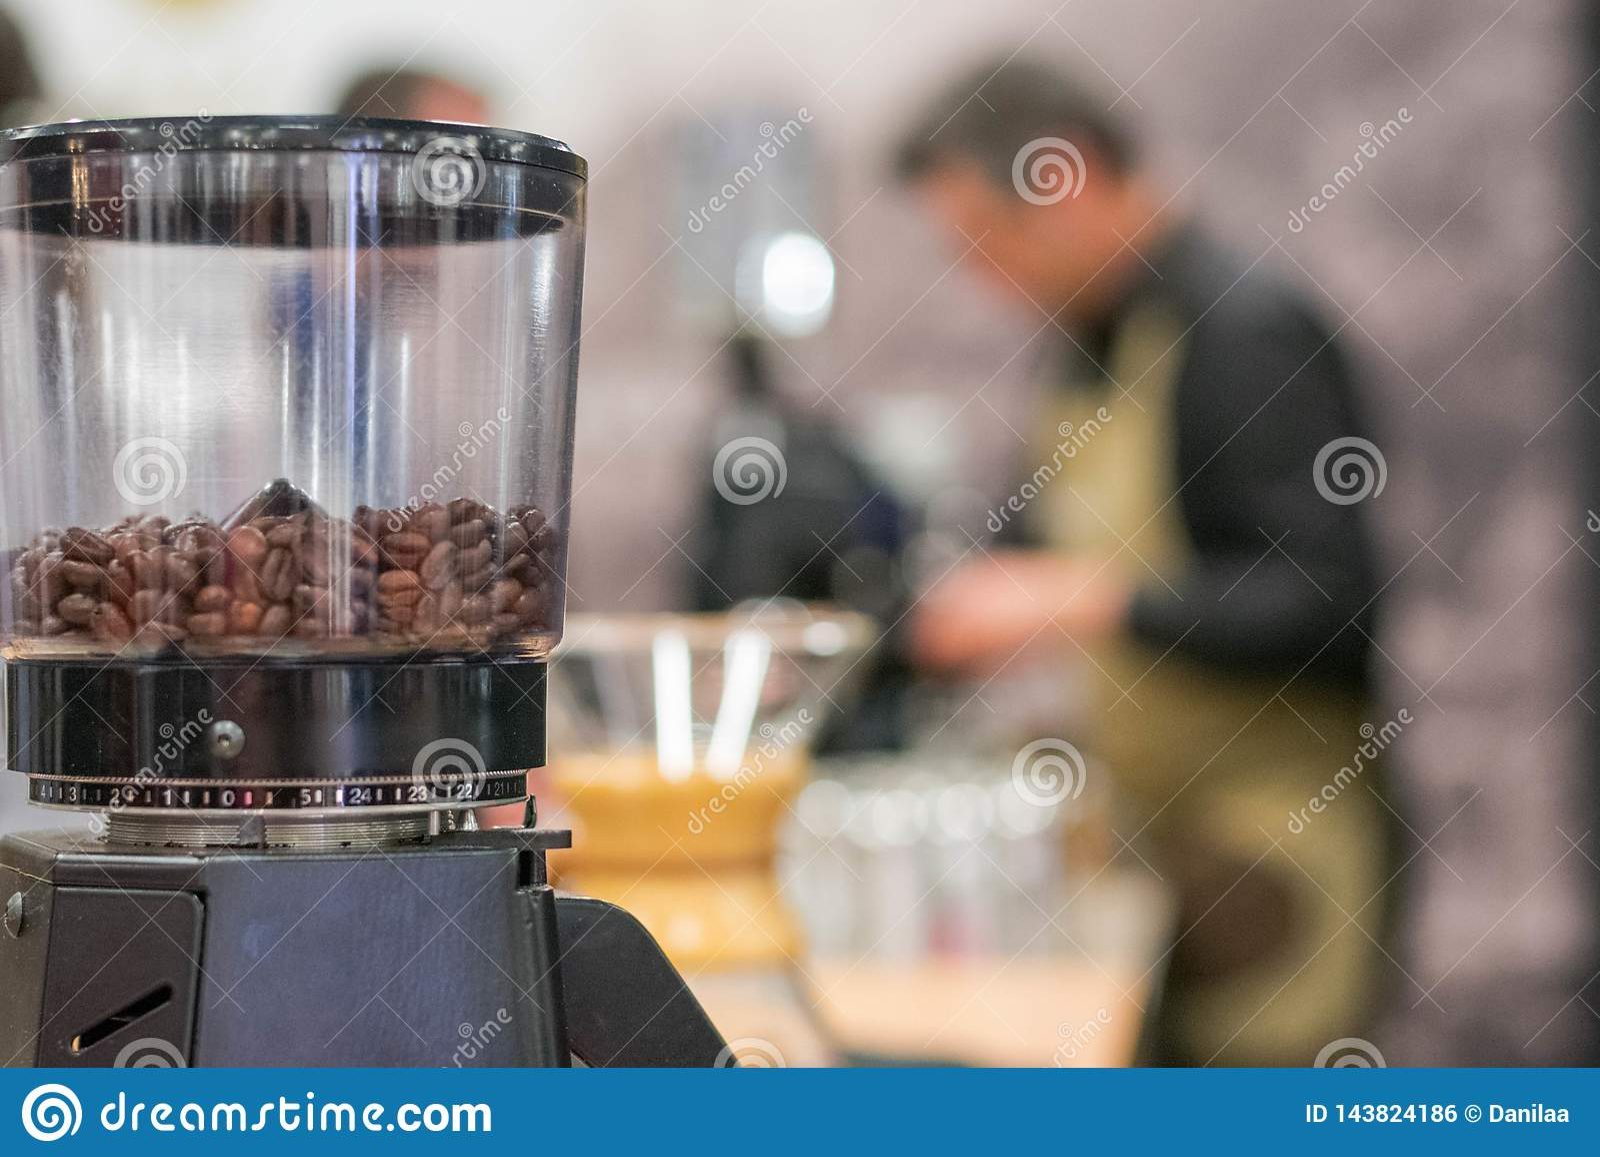 Kaffeemühle mit unscharfem Kellner im Hintergrund